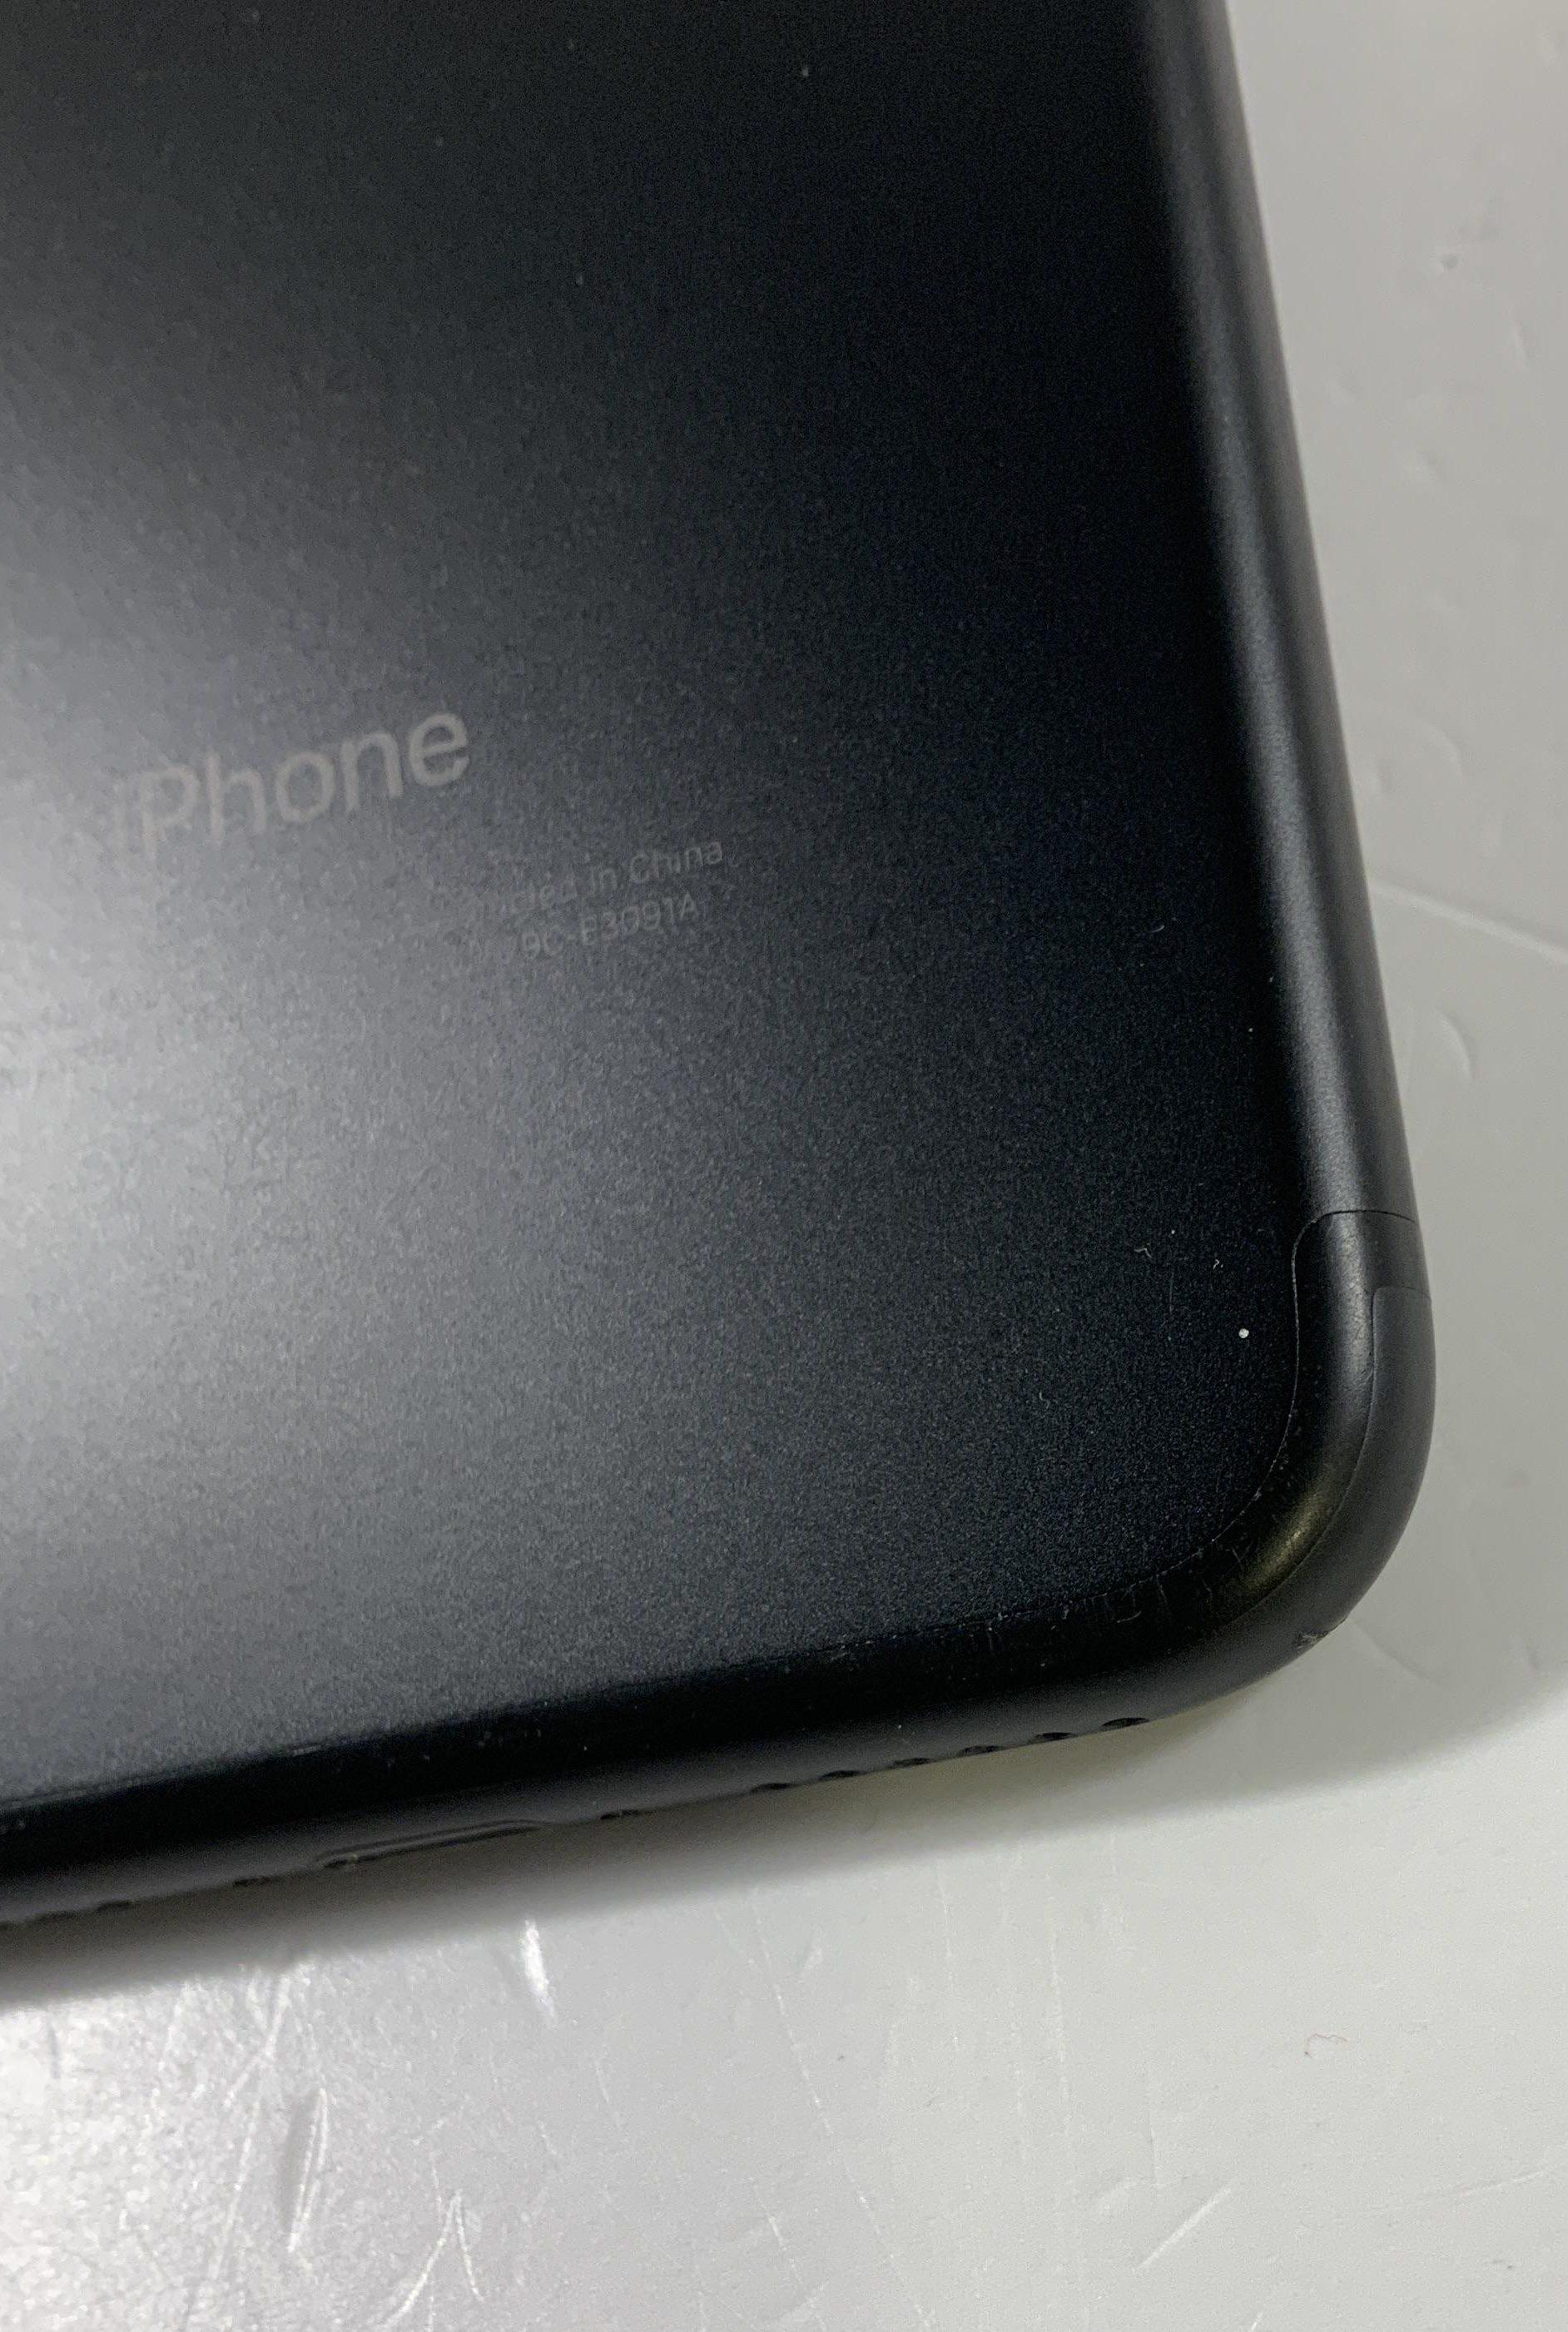 iPhone 7 32GB, 32GB, Black, obraz 3